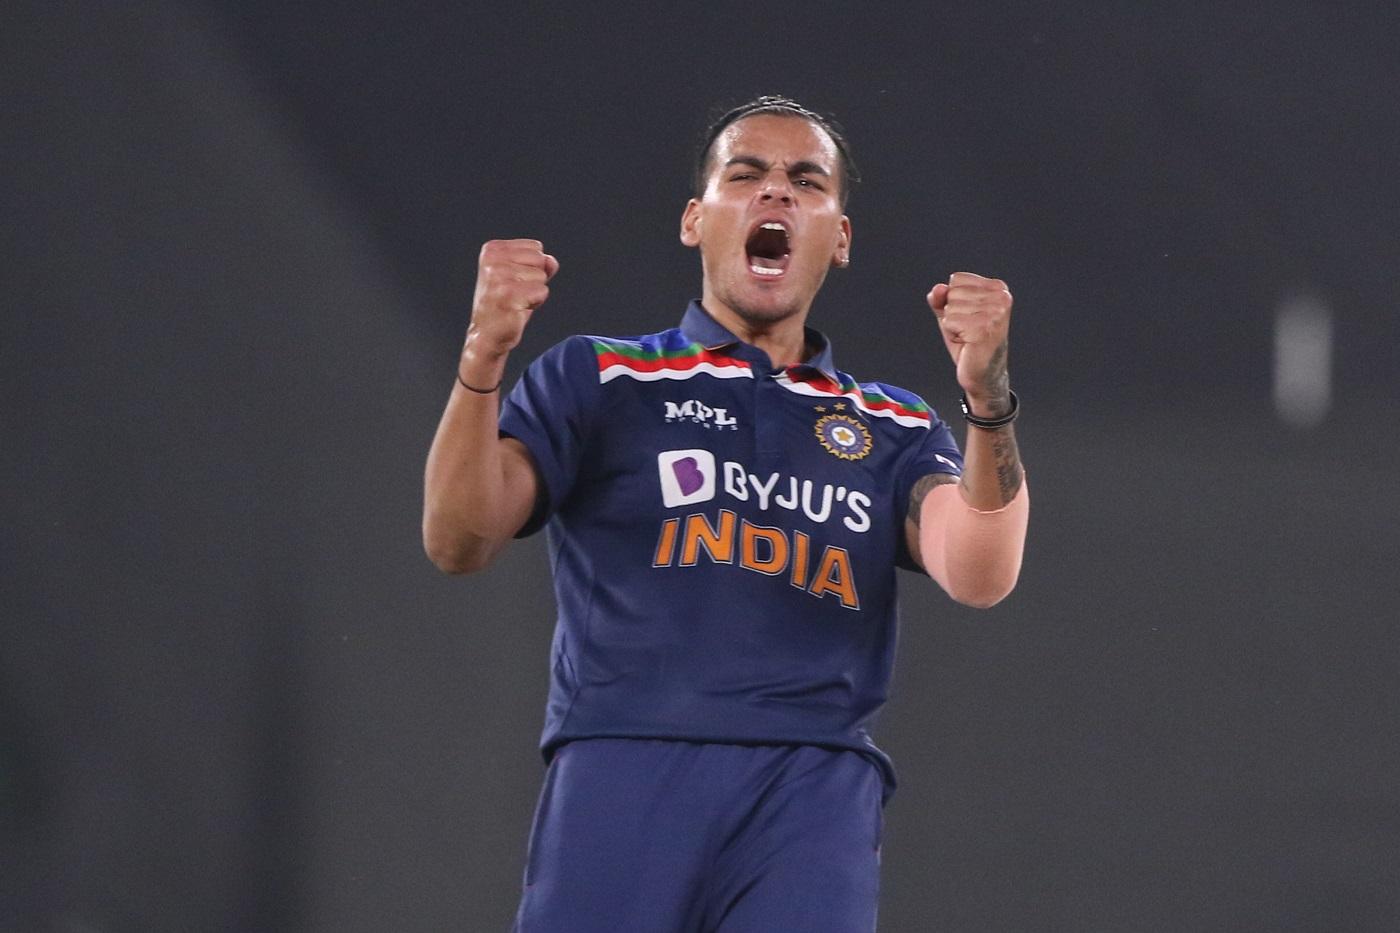 राहुल चाहर ने अपने पहले वन-डे में 3 विकेट झटके। उन्होंने श्रीलंकाई कप्तान दासुन शनाका, अविष्का फर्नांडो और करुणारत्ने को आउट किया।